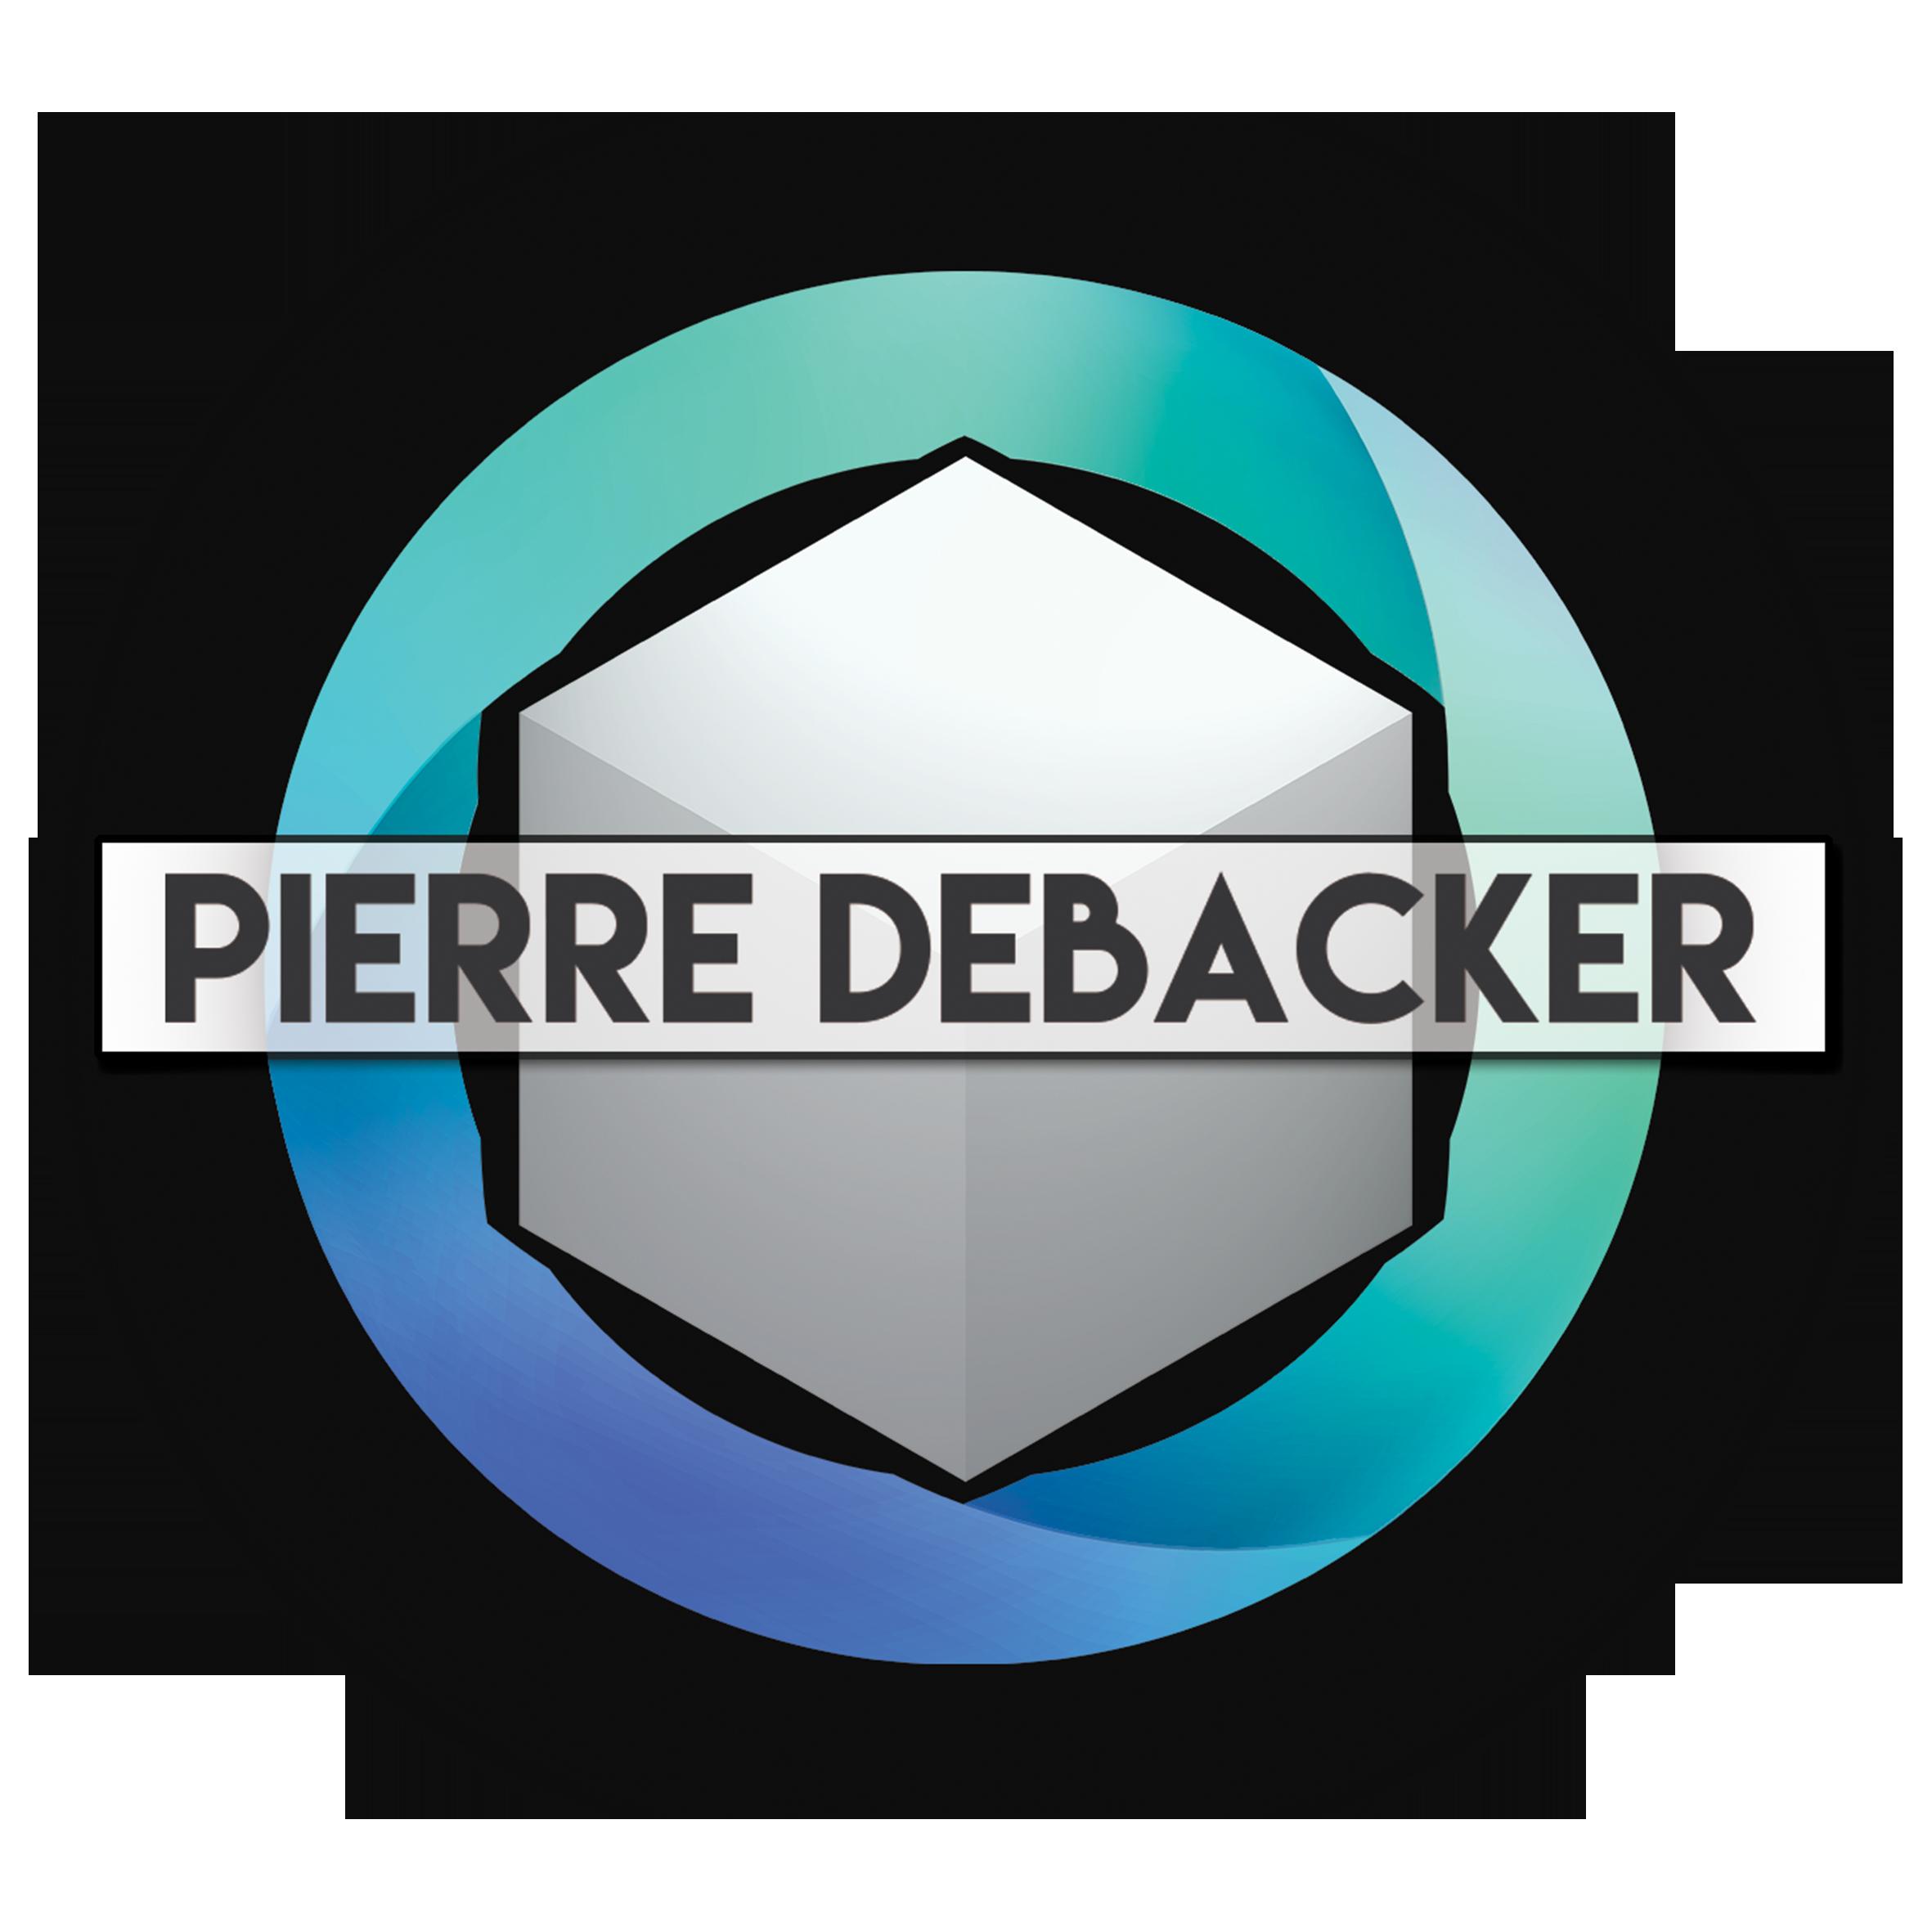 Pierre Debacker